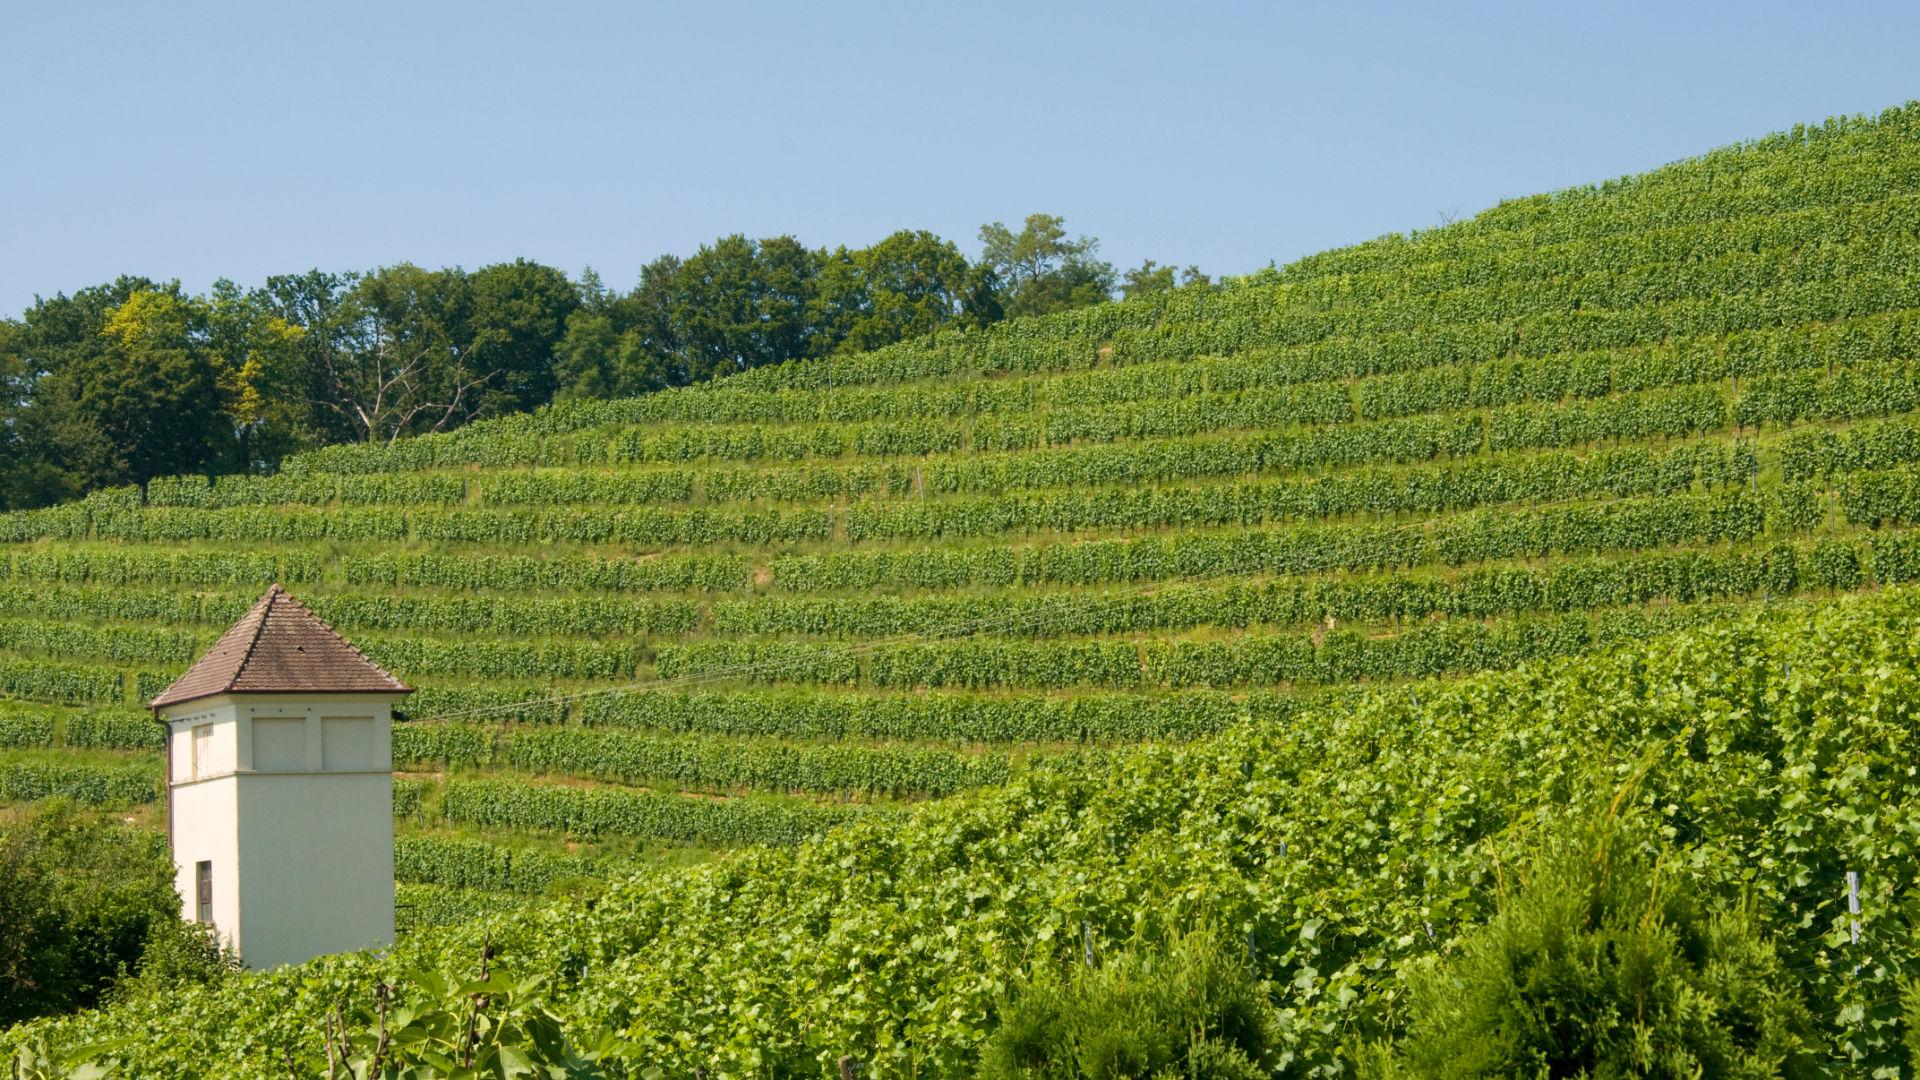 Blick auf Weinberge in Meersburg am Bodensee